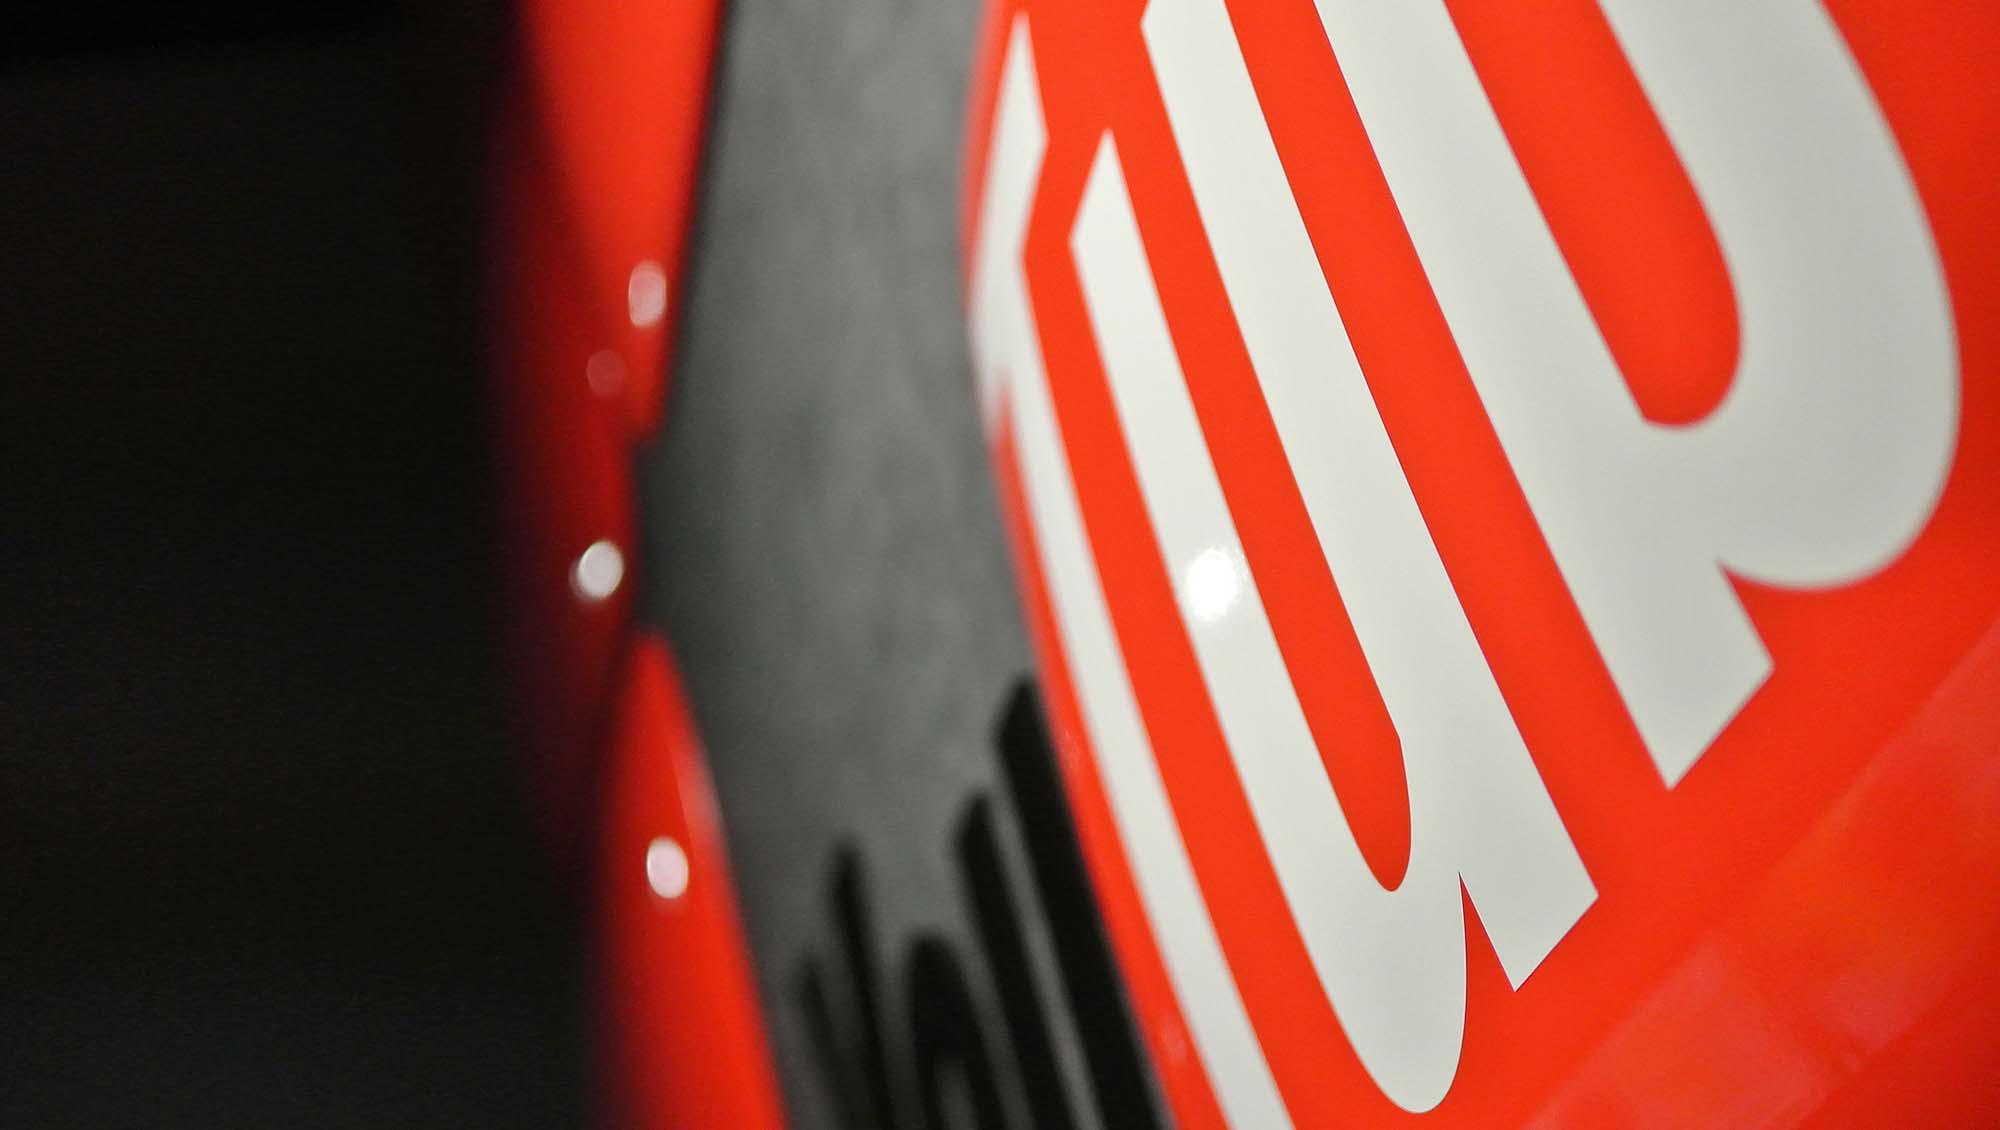 YouTube - Google durcit les règles de monétisation des chaînes YouTube